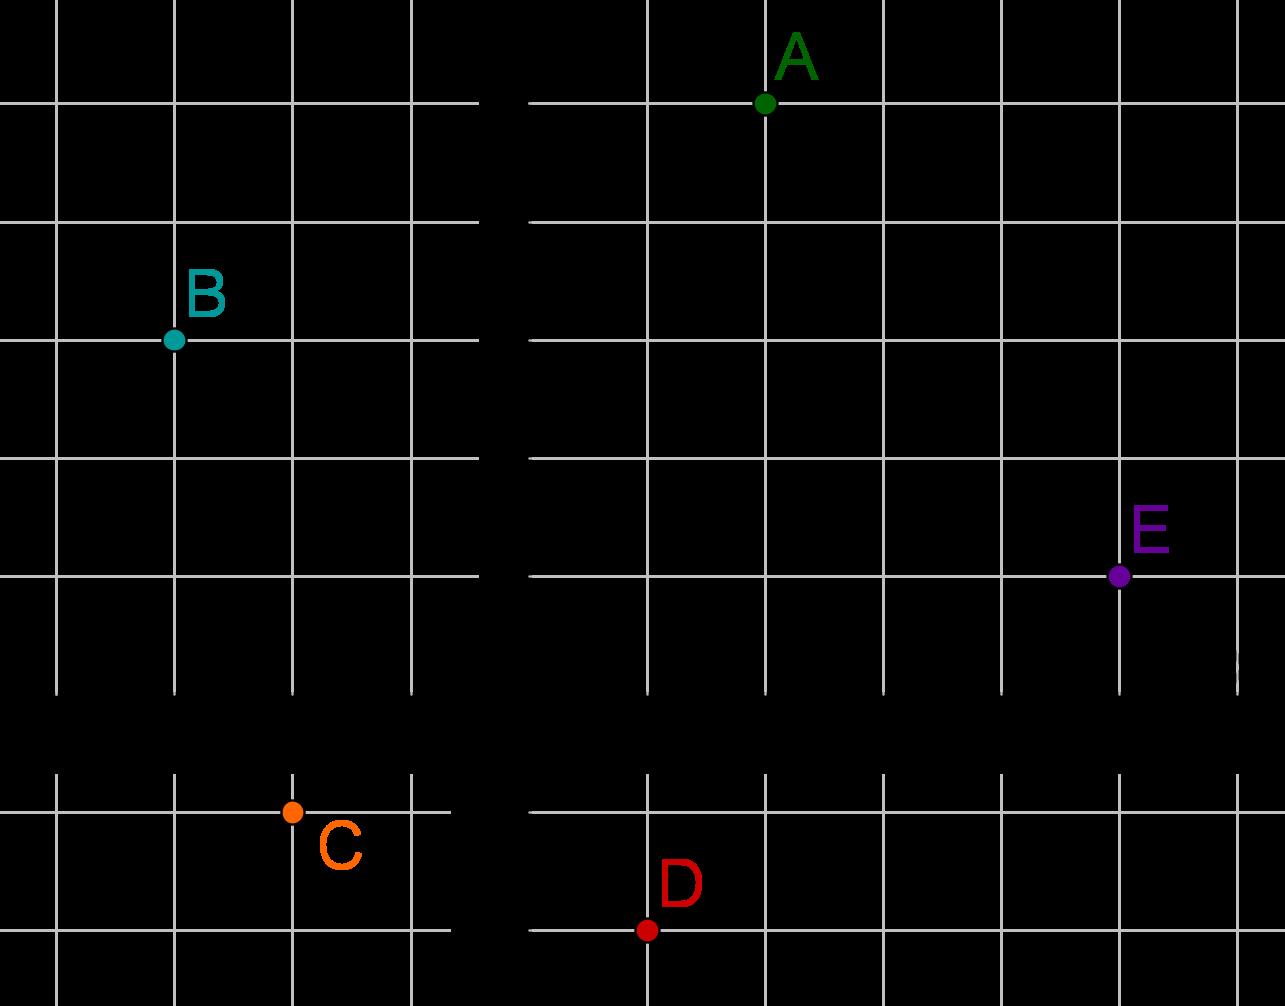 Arbeitsblatt Koordinatensystem Lagu : Aufgaben zum koordinatensystem mathe themenordner